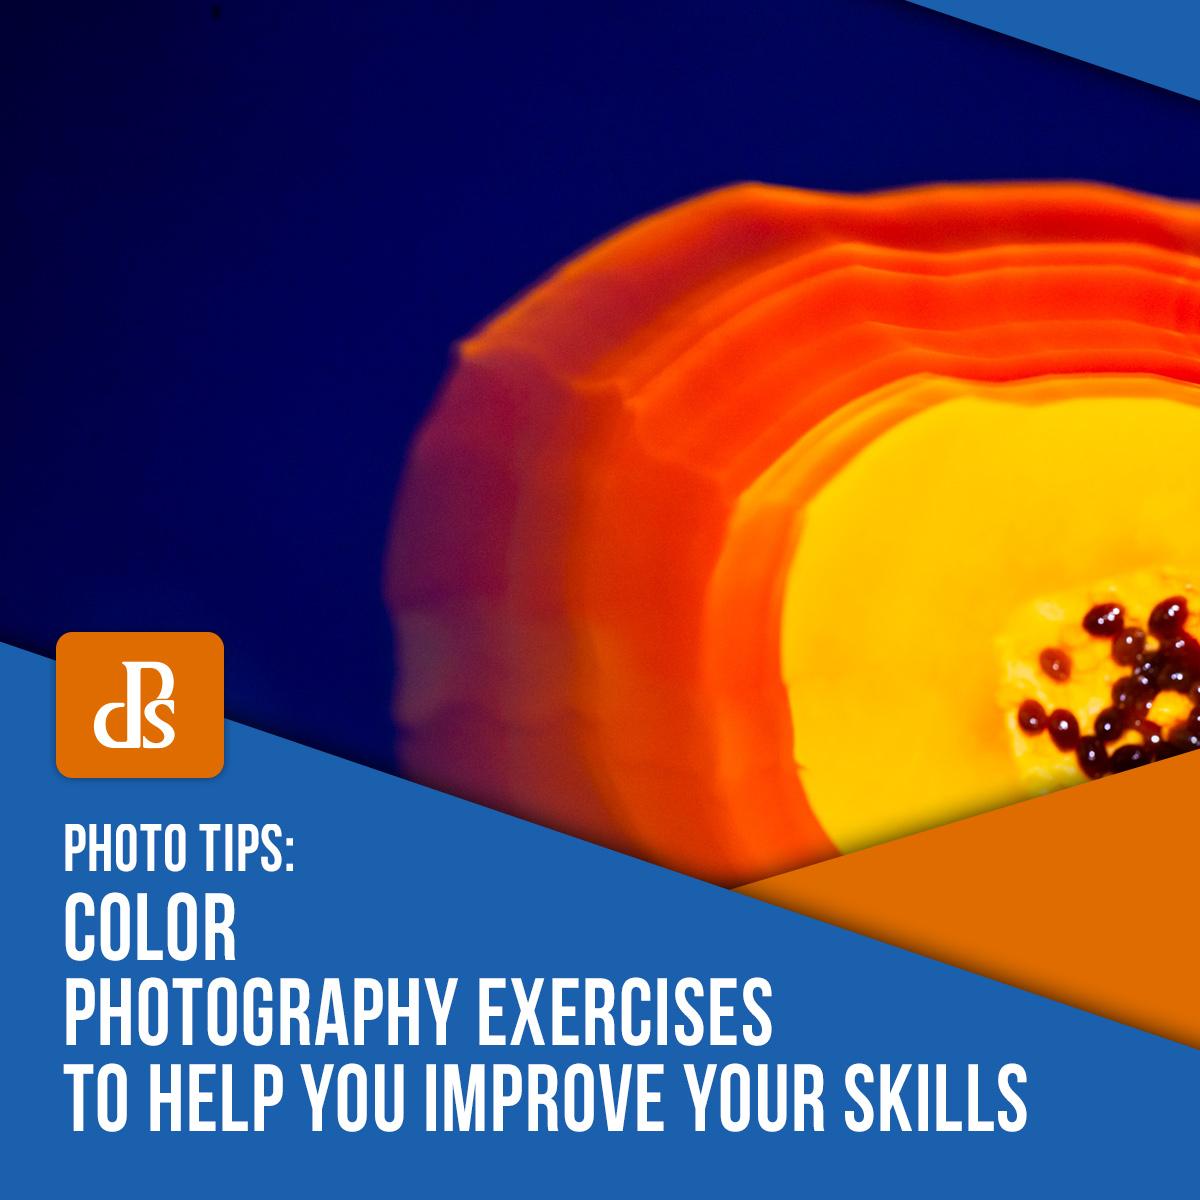 exercícios de fotografia colorida